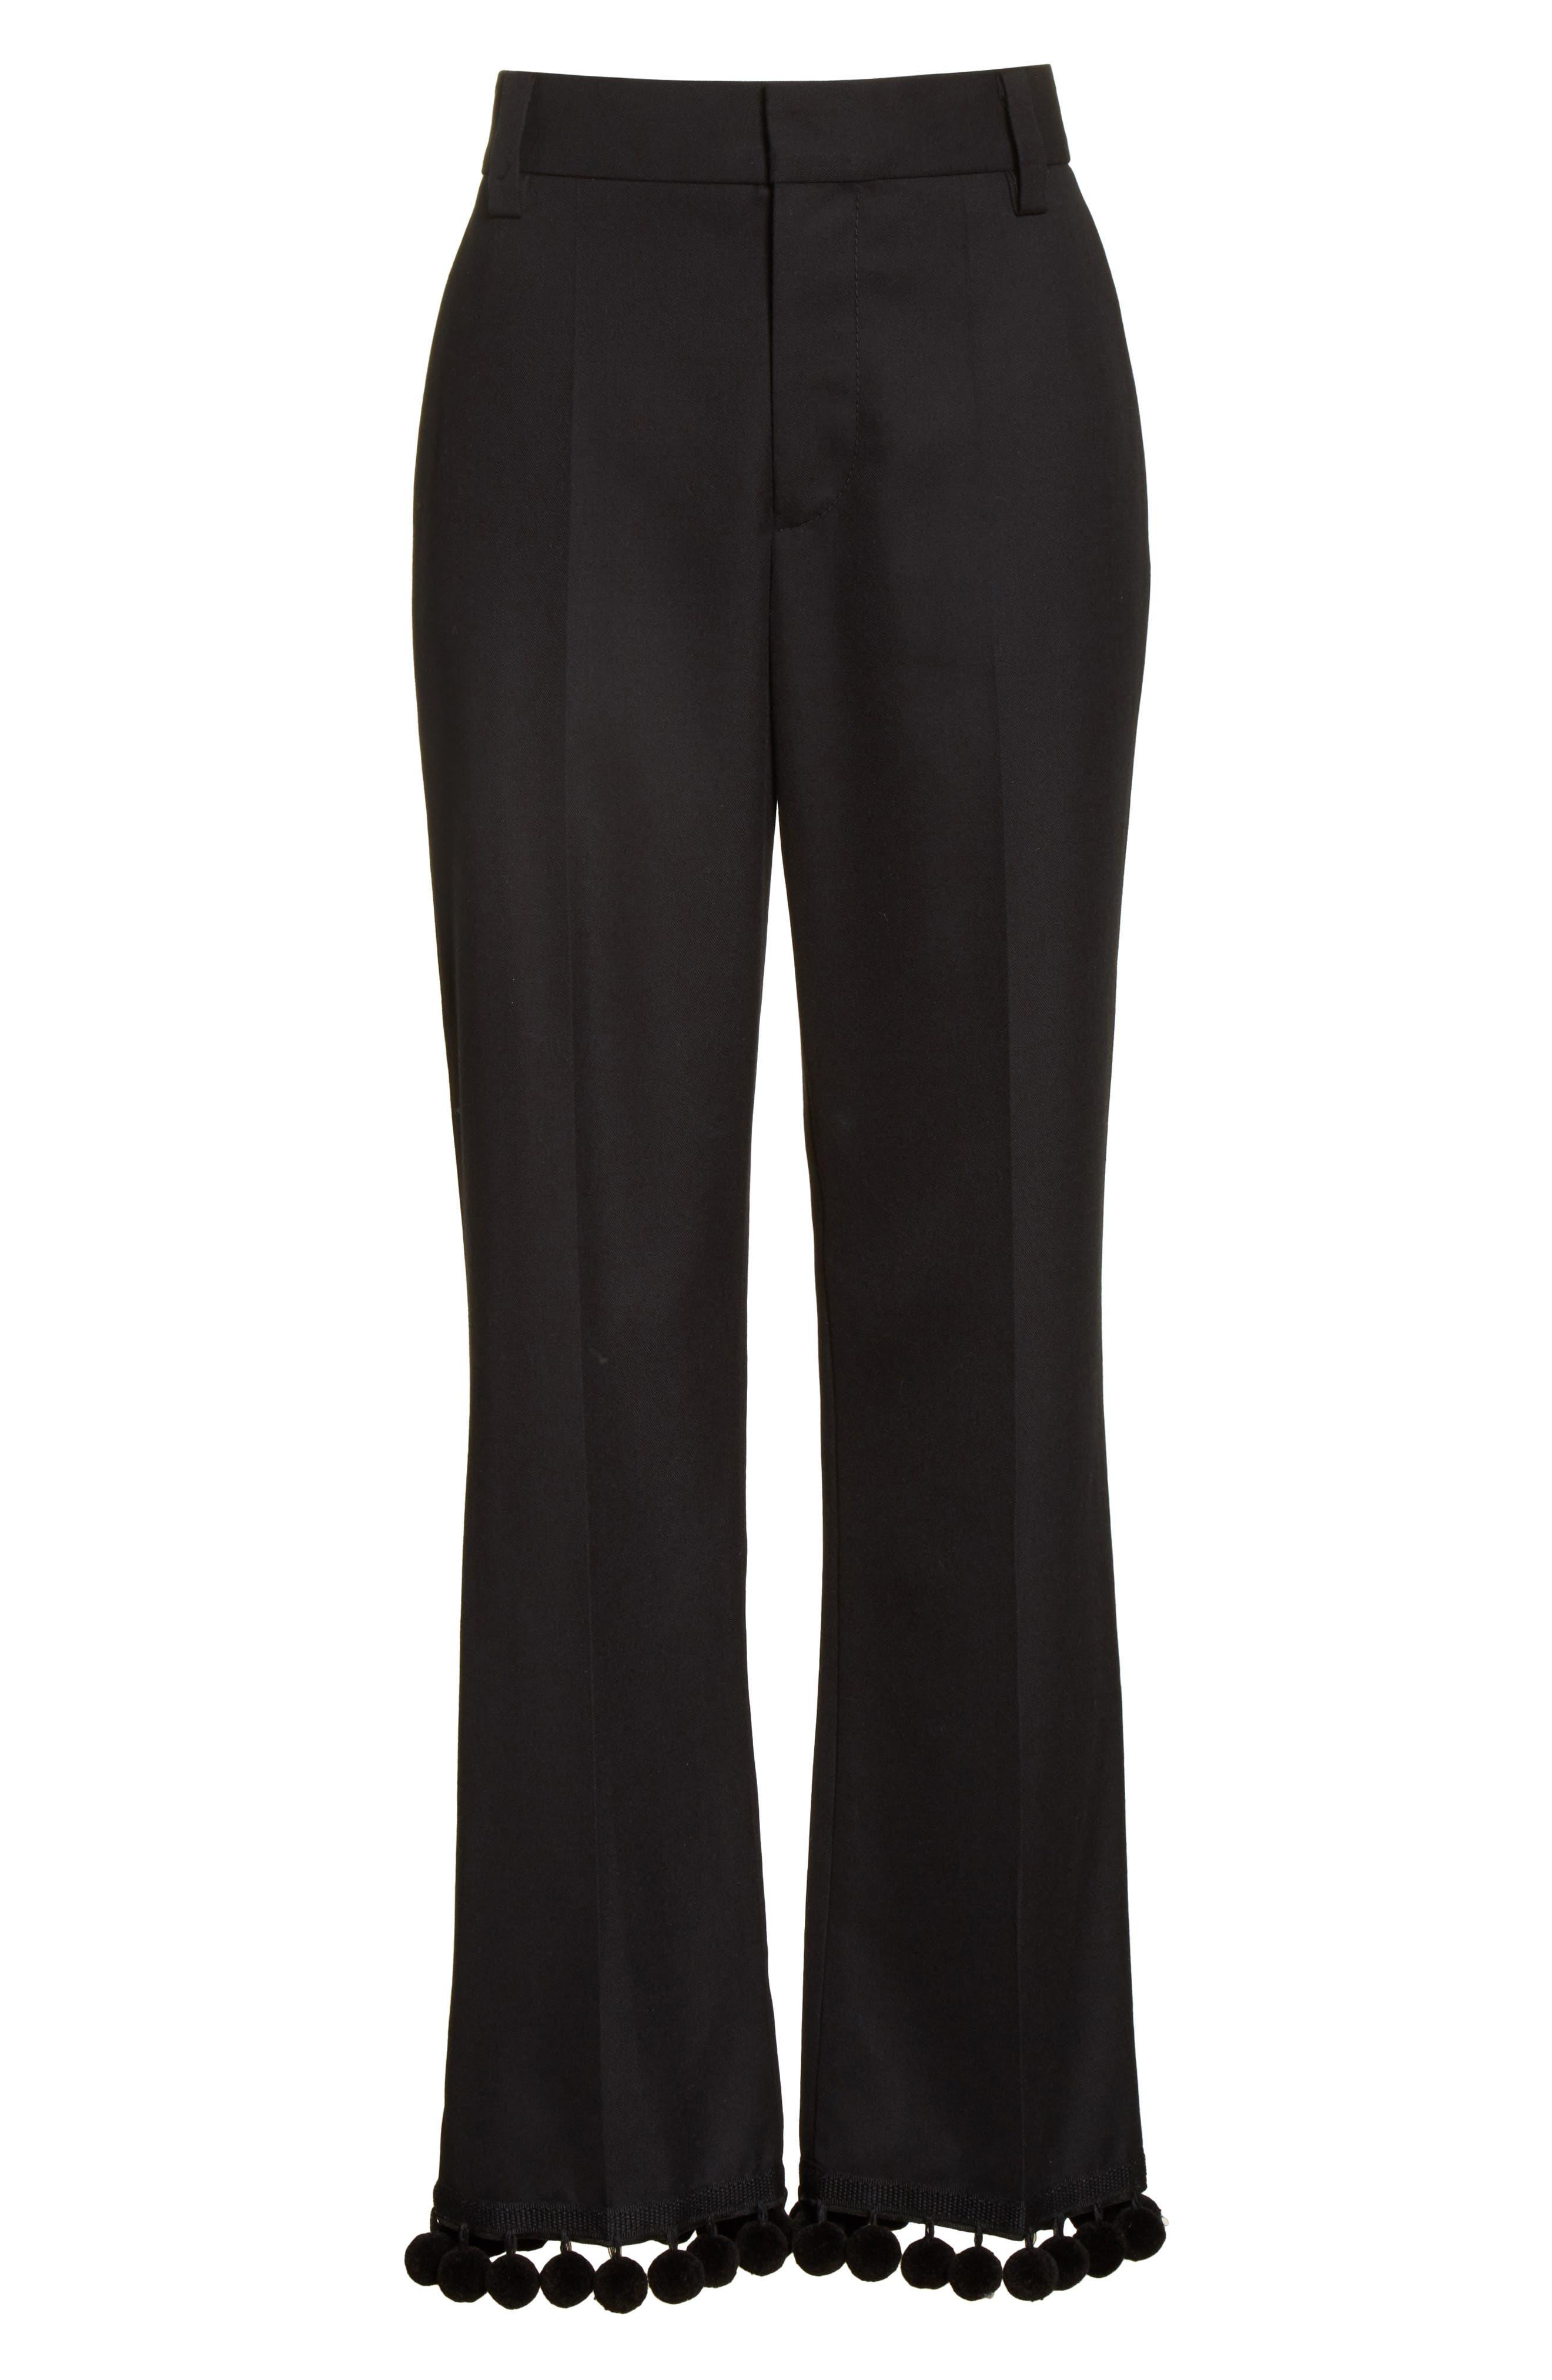 Pompom Hem Trousers,                             Alternate thumbnail 7, color,                             Black